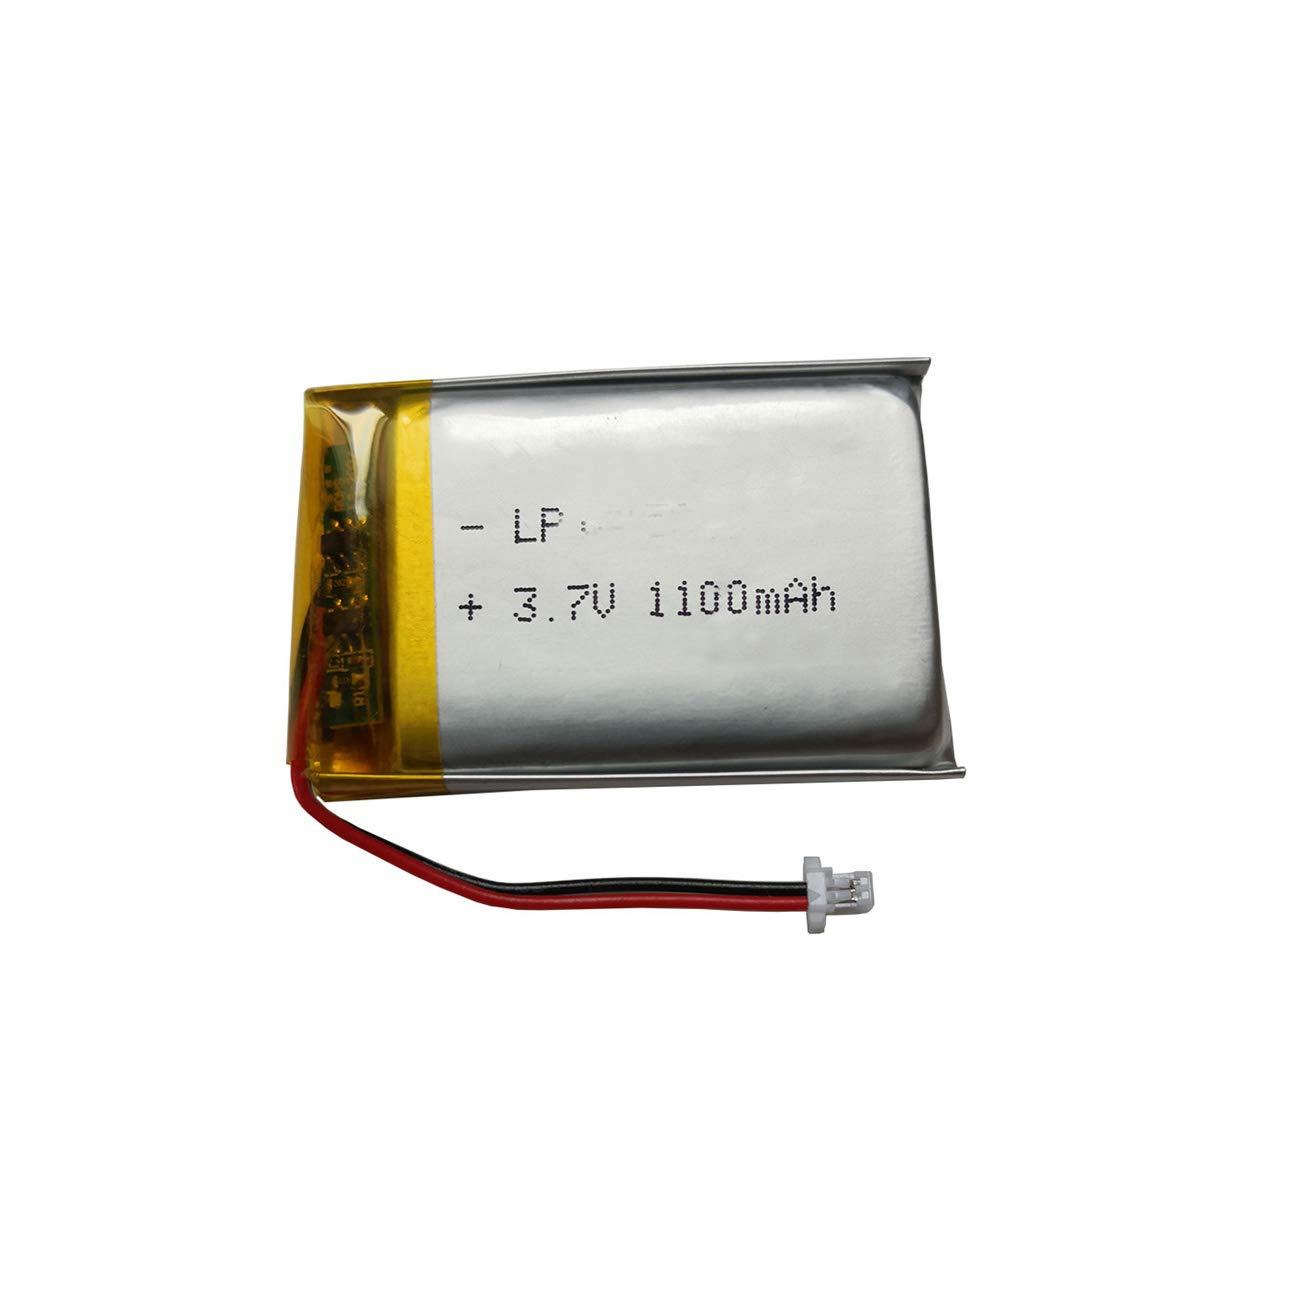 Bateria para Sena 10C, Sena 10C Pro 3.7v 1100mAh